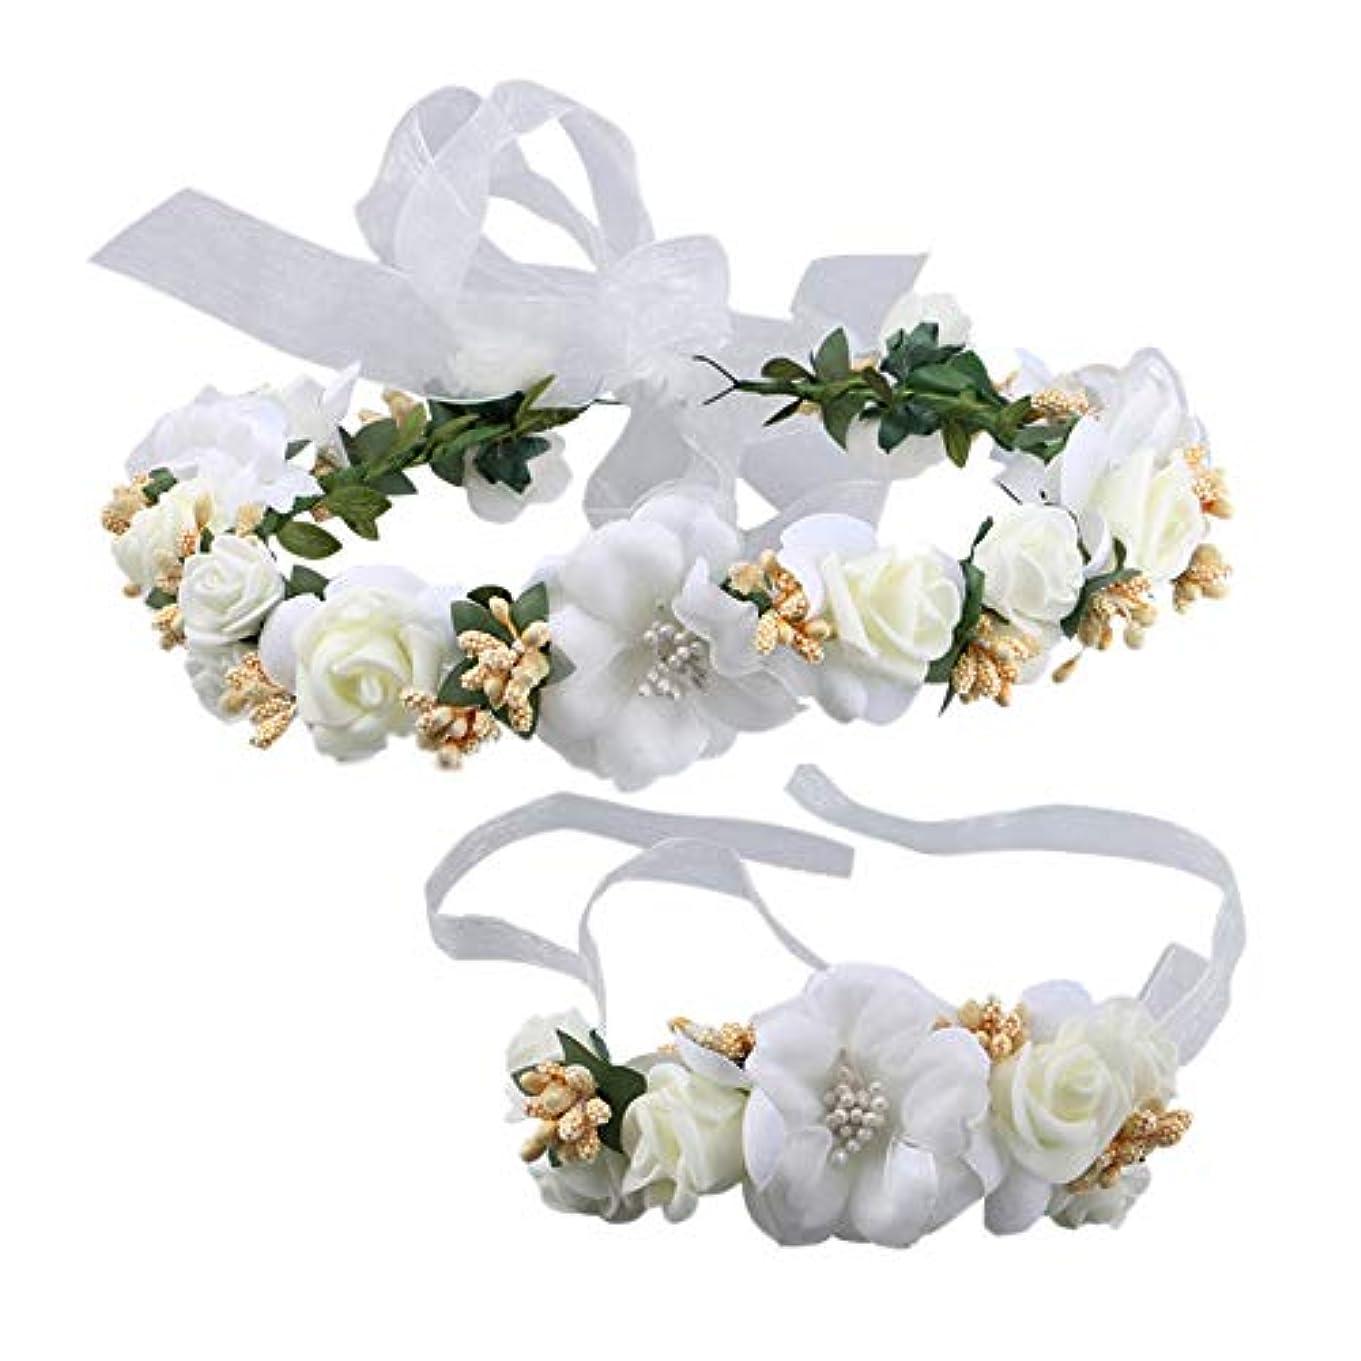 ベスト野生アンソロジーMerssavo ブライダルリース+手首の花韓国の海辺の花嫁介添人ティアラヘアフープウェディングアクセサリー